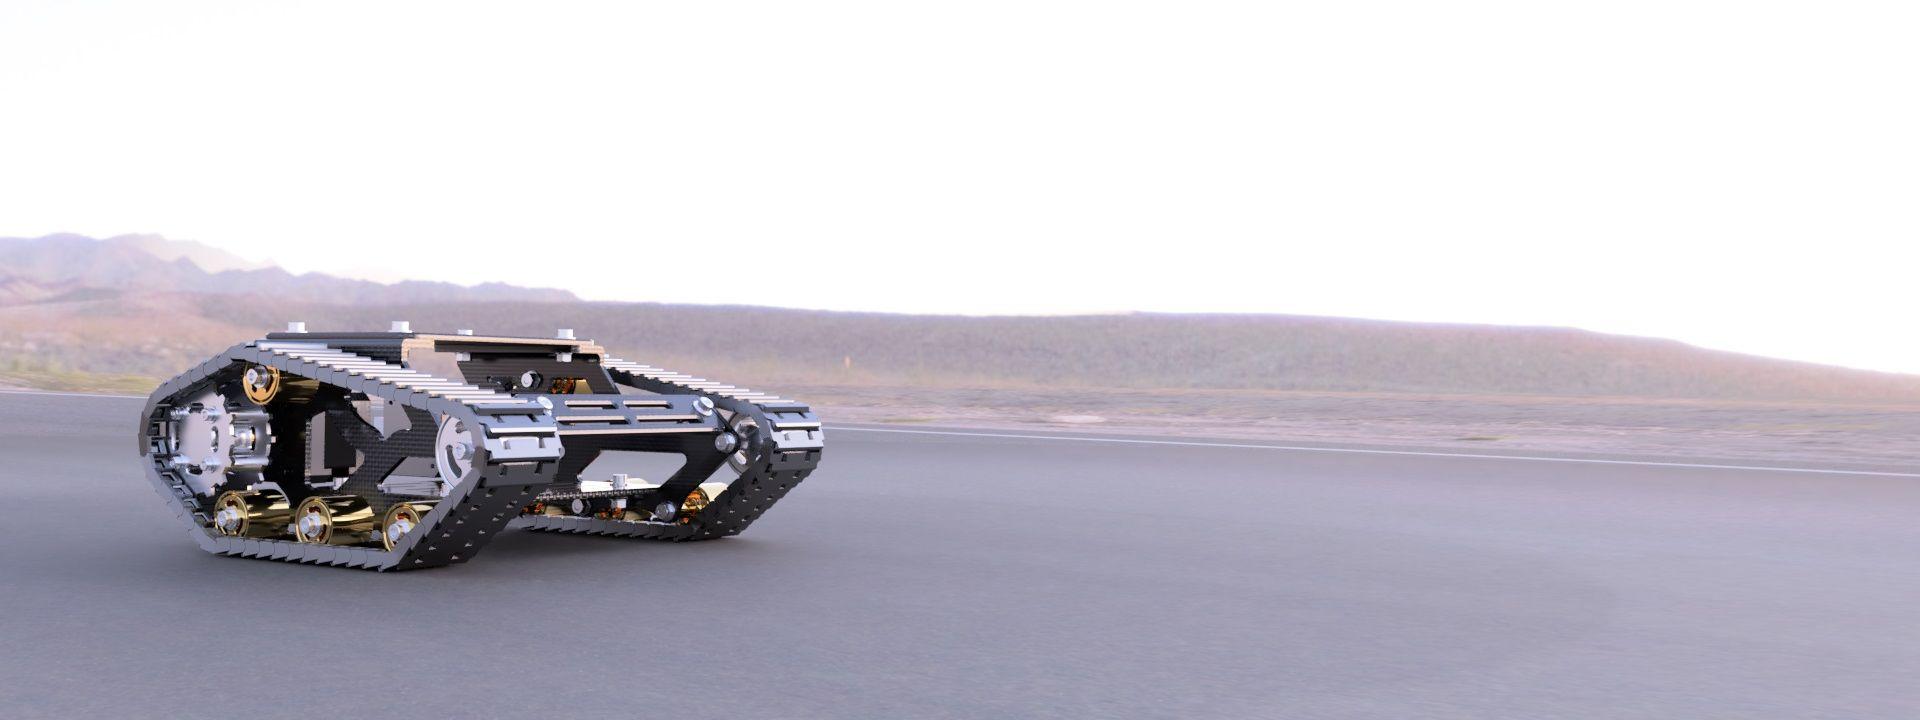 00-top-view-image-crawler-robot-01-3500-3500